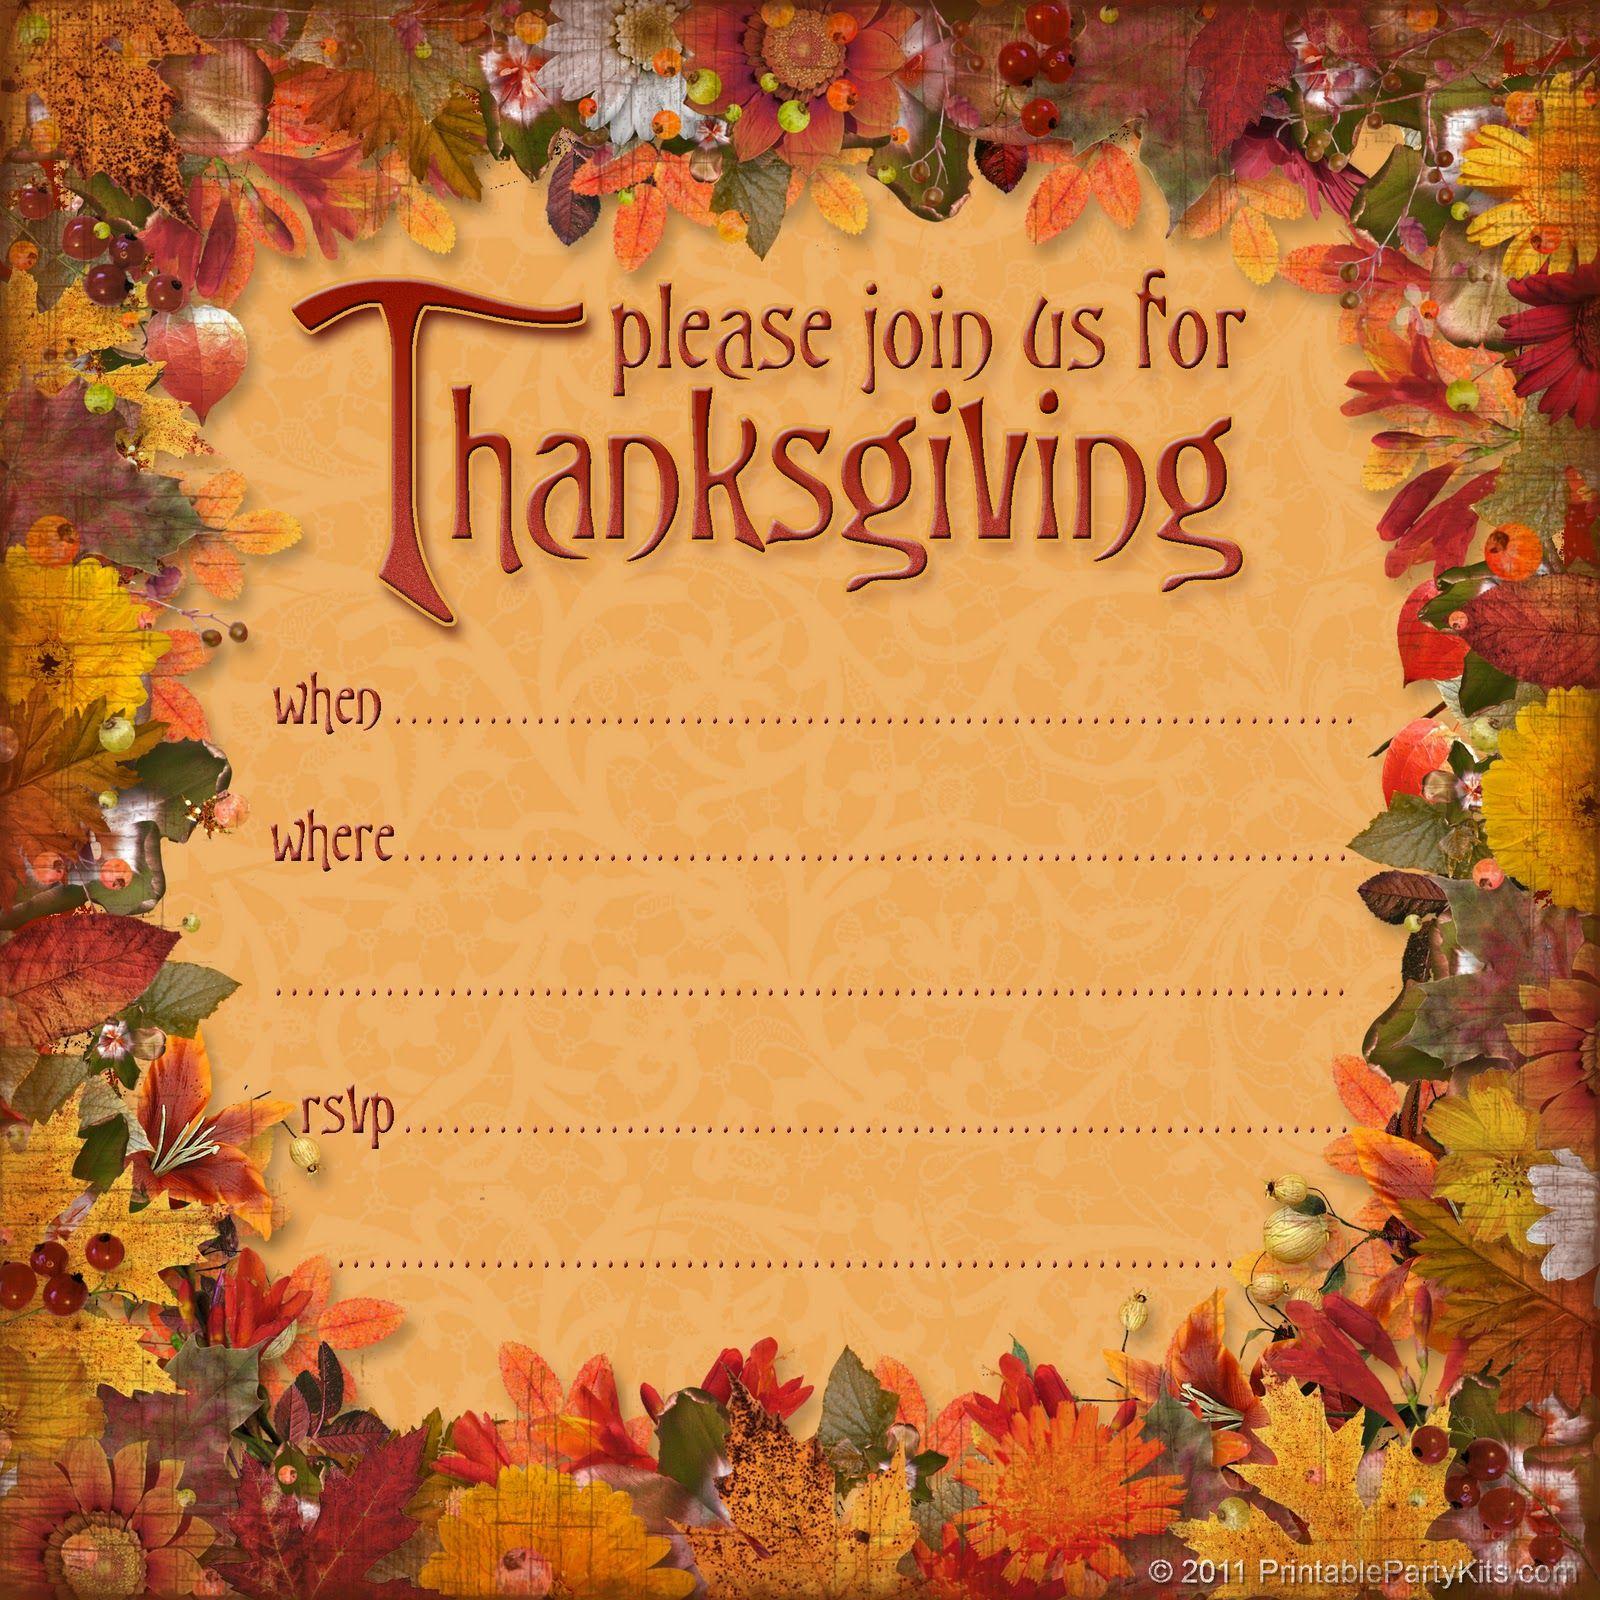 Free Thanksgiving Dinner Invitation | Thanksgiving | Thanksgiving - Free Printable Thanksgiving Invitations